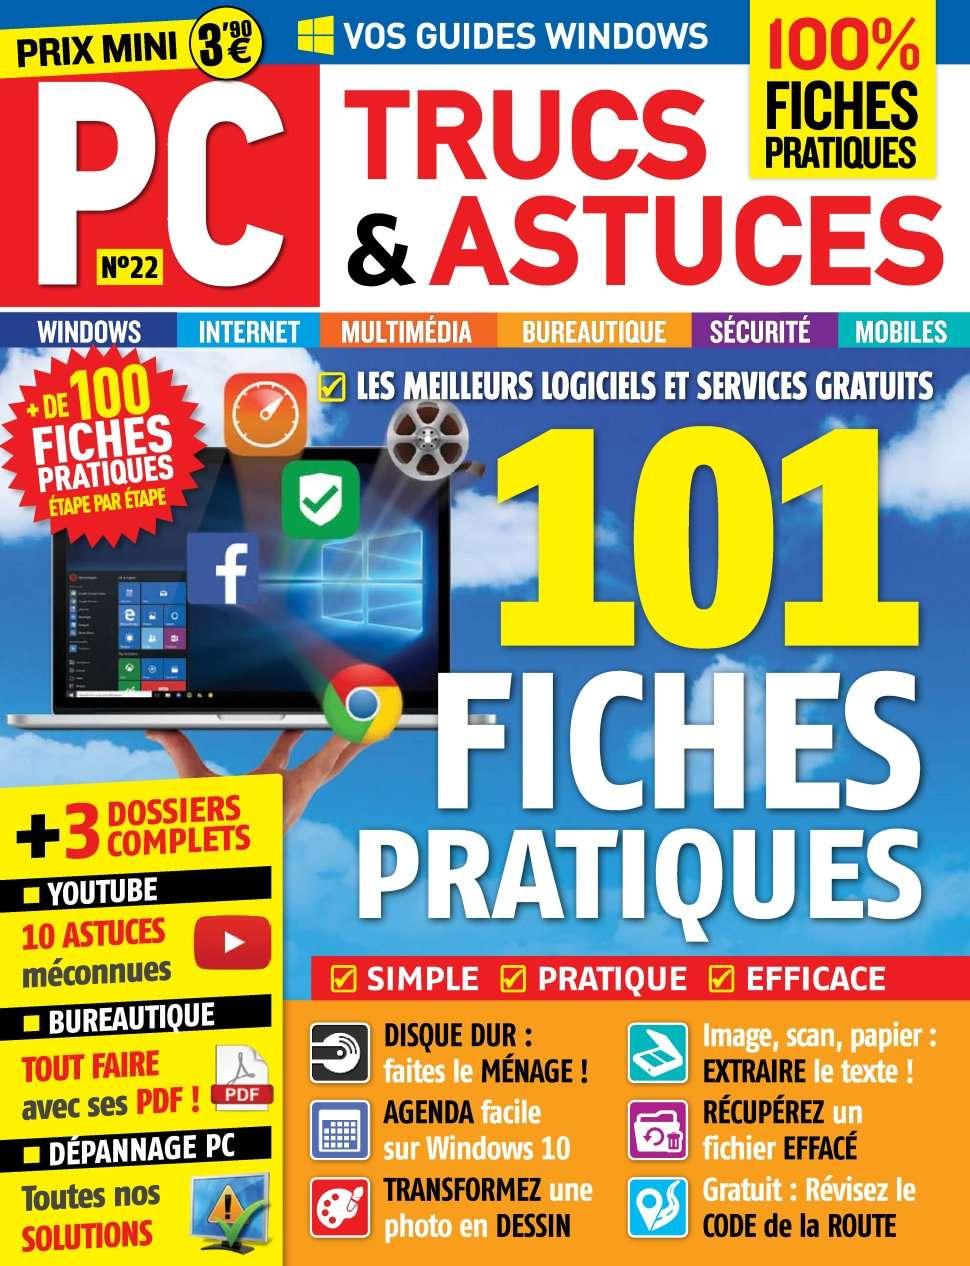 PC Trucs et Astuces 22 - Fevrier/Mars 2016